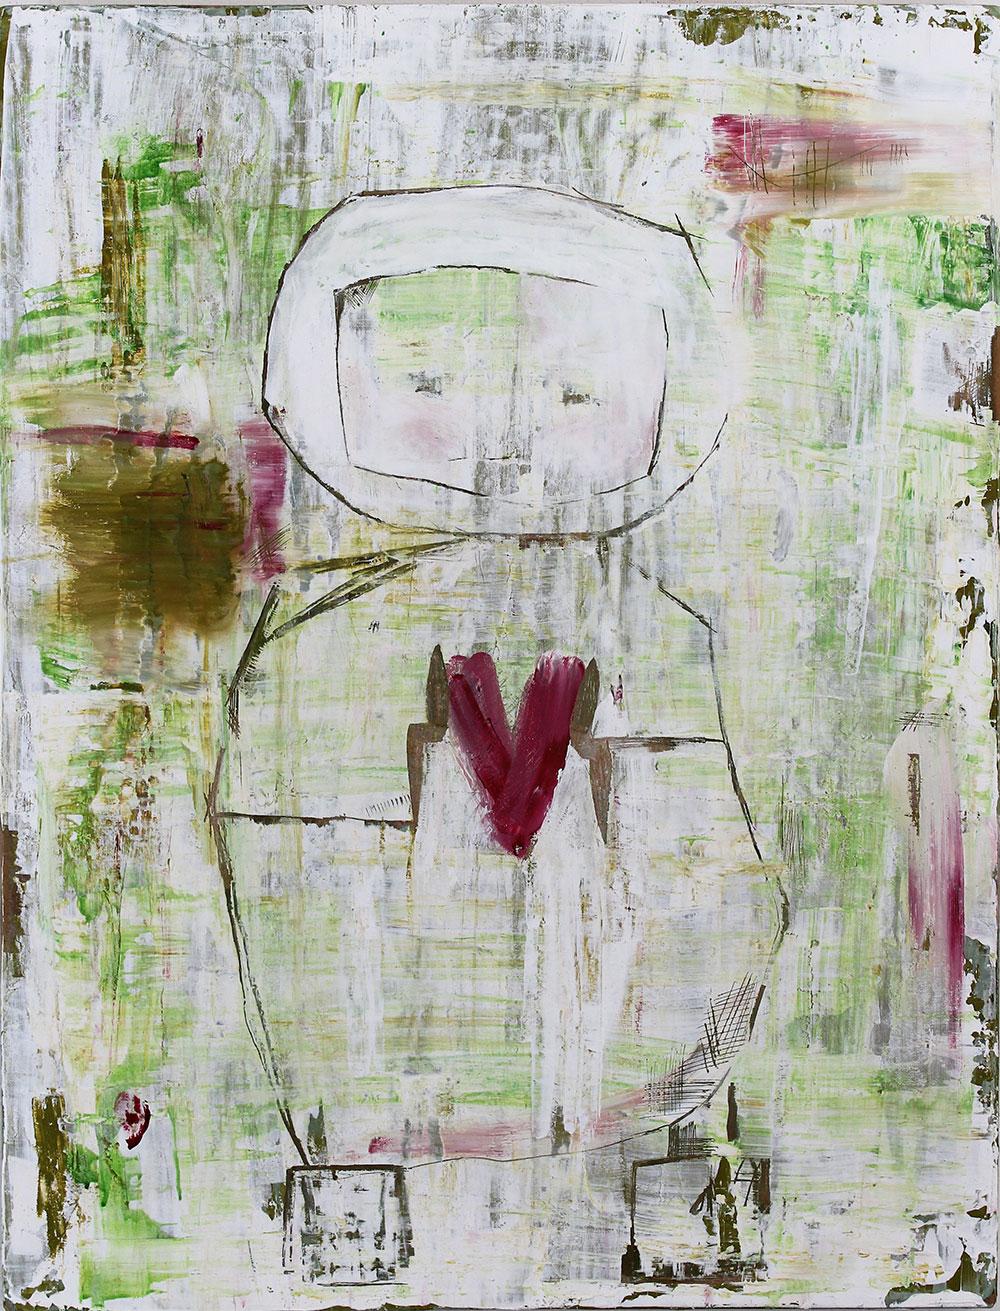 painting_LB_Emery_2015_web.jpg